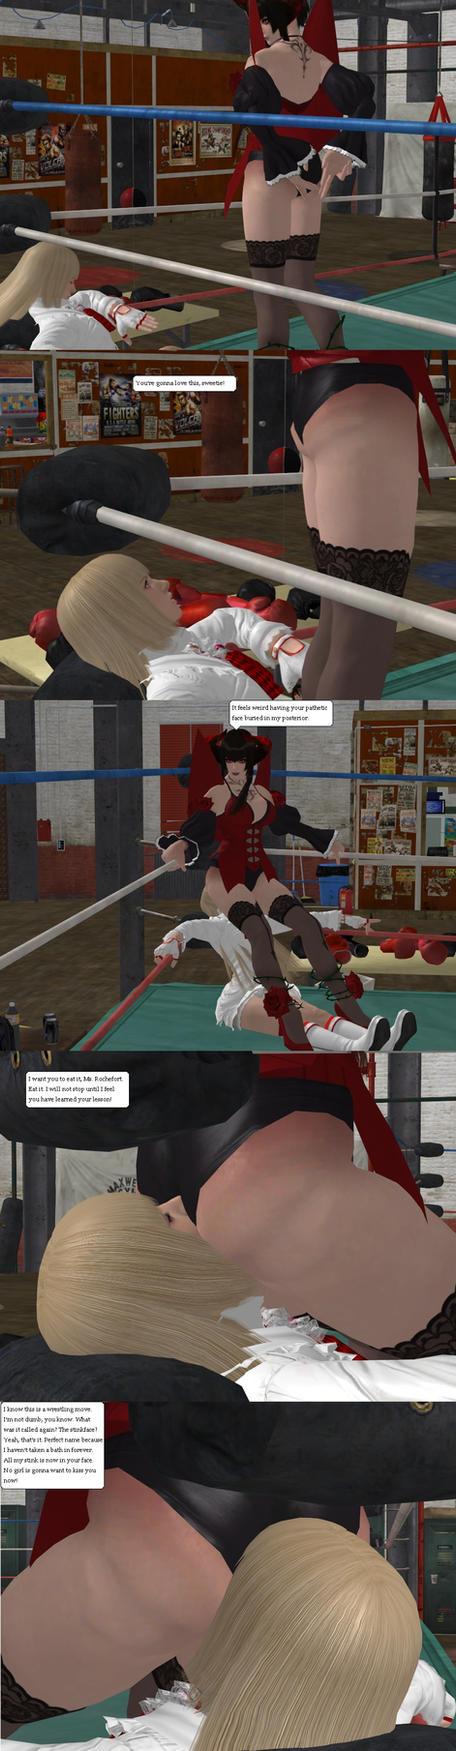 Eliza's Revenge 2 by DynasticJeff